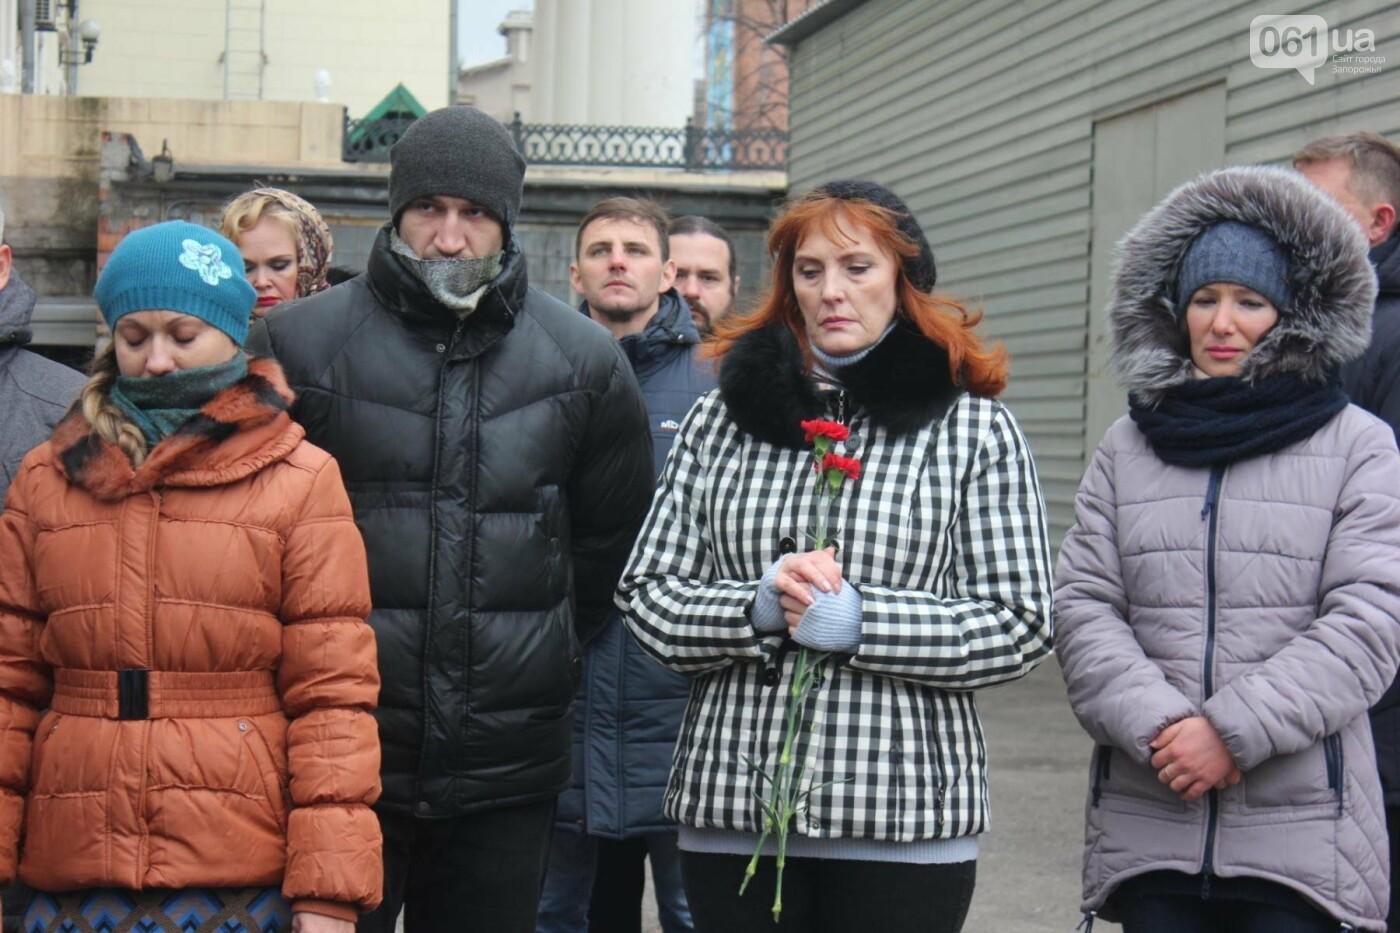 В Запорожье актеры на улице читали стихи о Майдане, - ФОТОРЕПОРТАЖ, фото-11